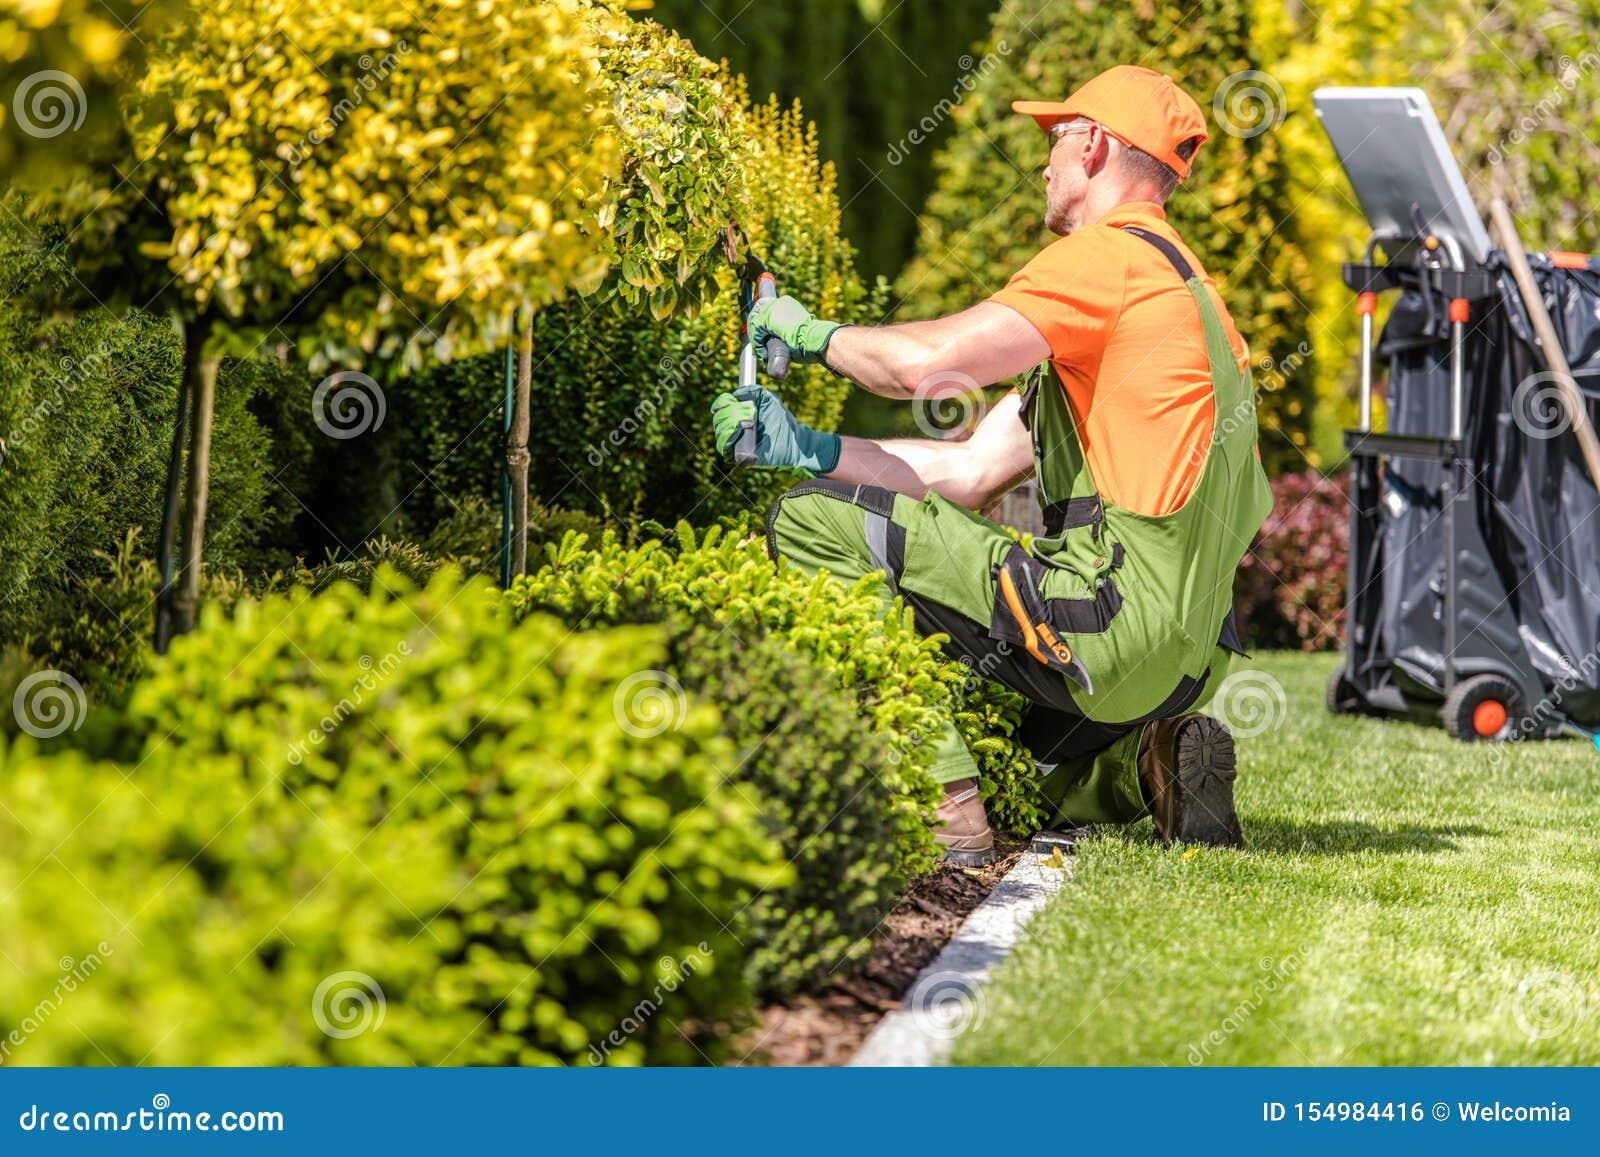 Garten-Arbeitskraft, die Anlagen trimmt